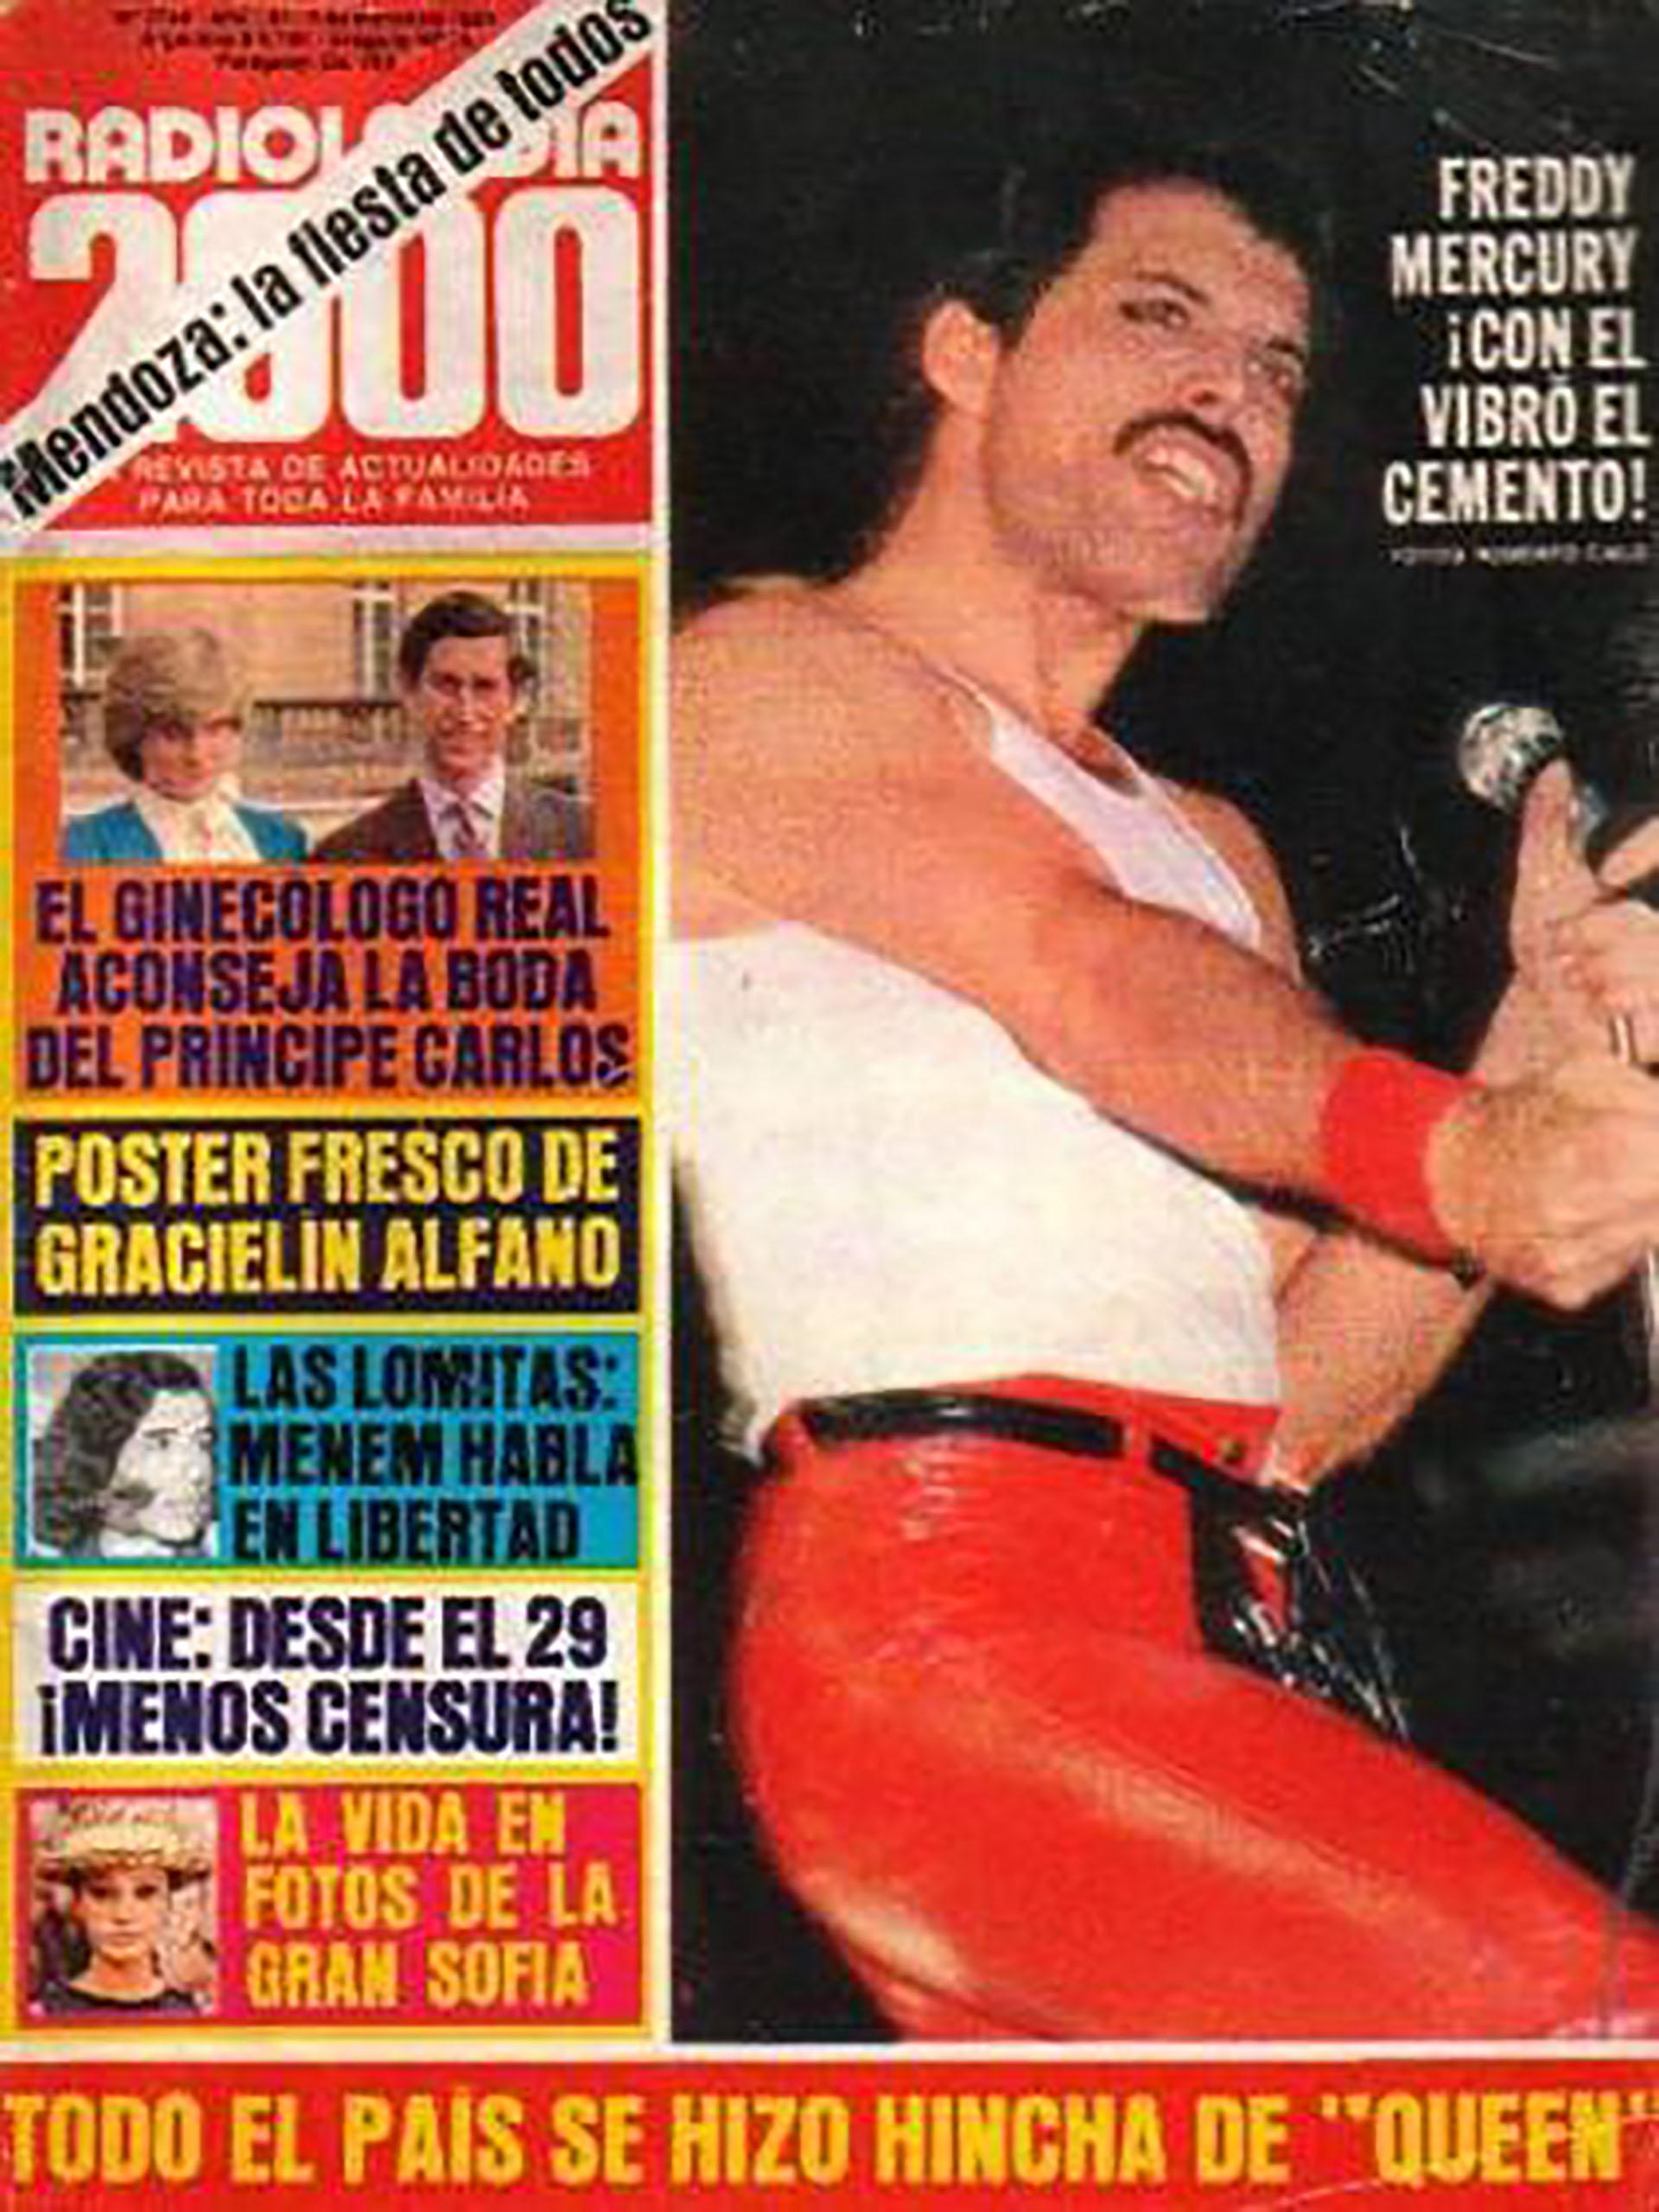 Otra de las revistas argentinas que mostró la presencia del grupo en el país